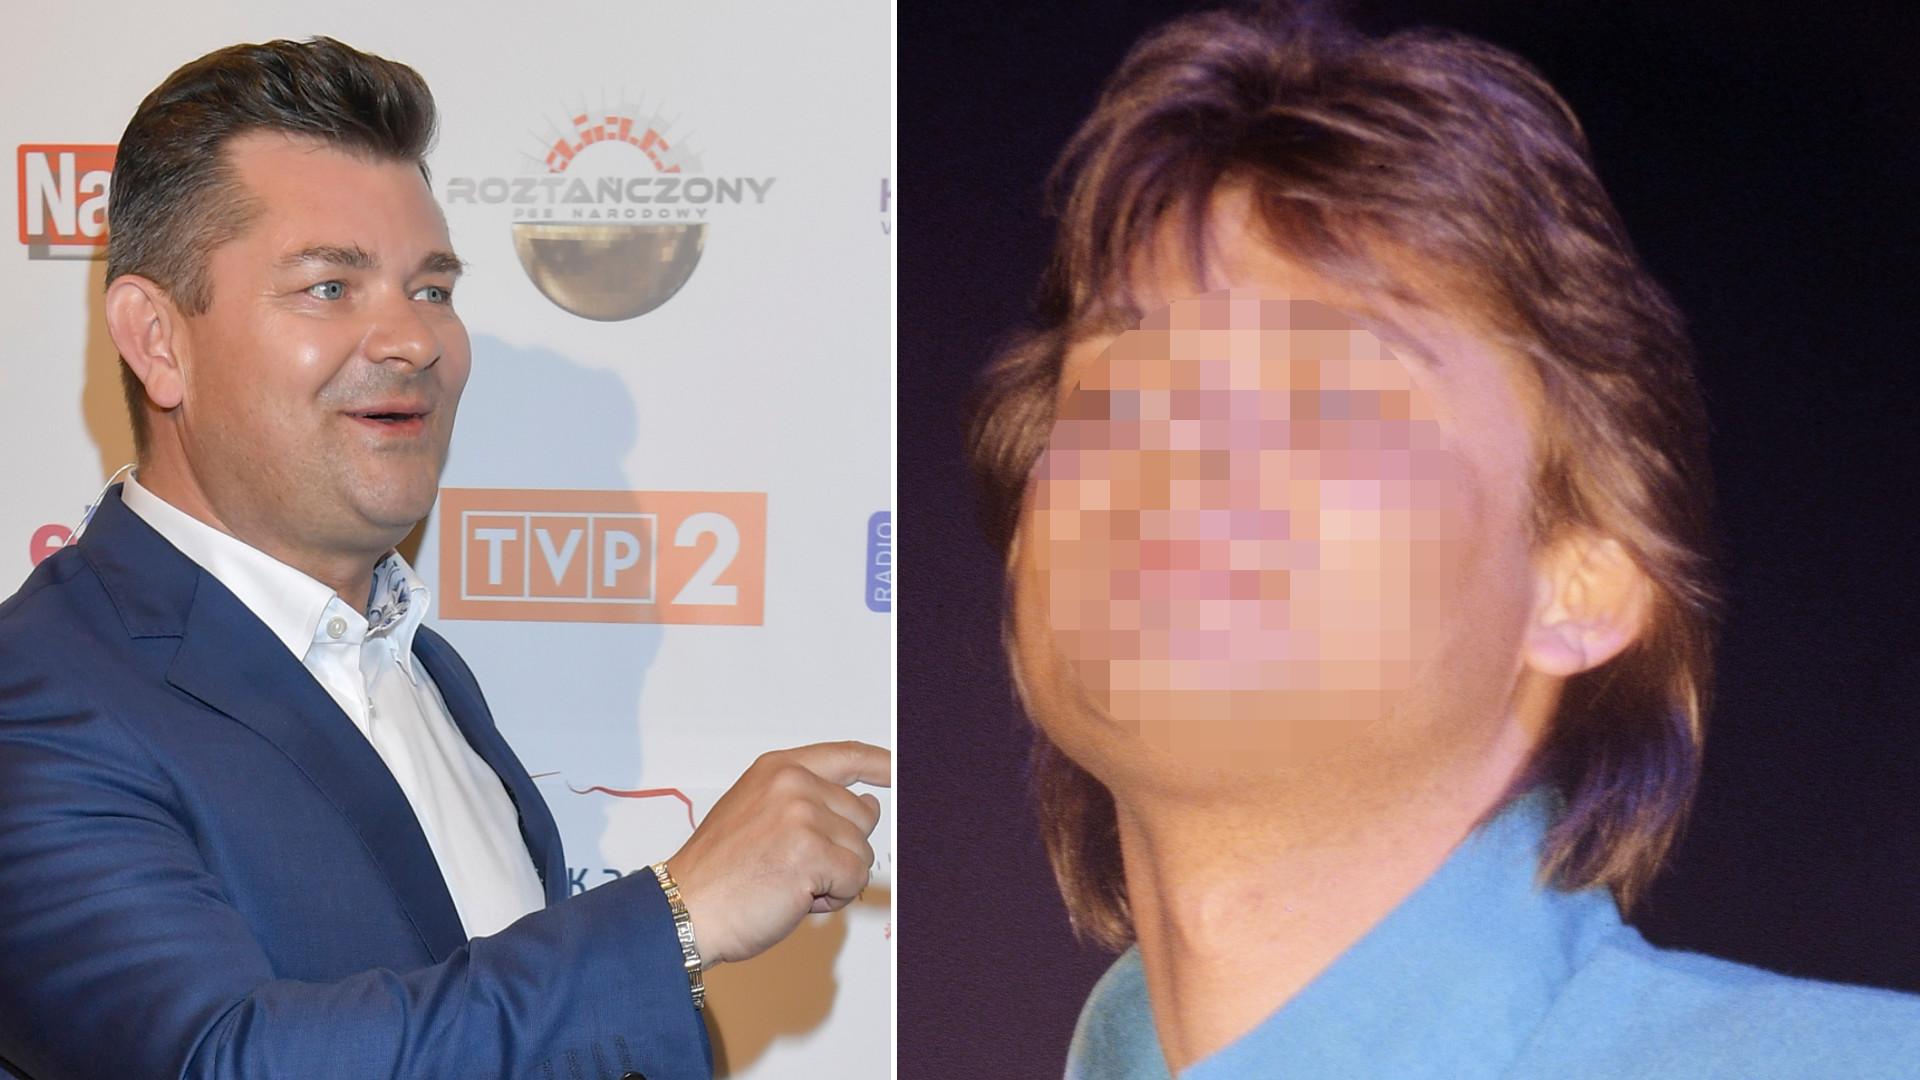 OMG! Tak wyglądał Zenek Martyniuk, gdy był młody – przystojniak?